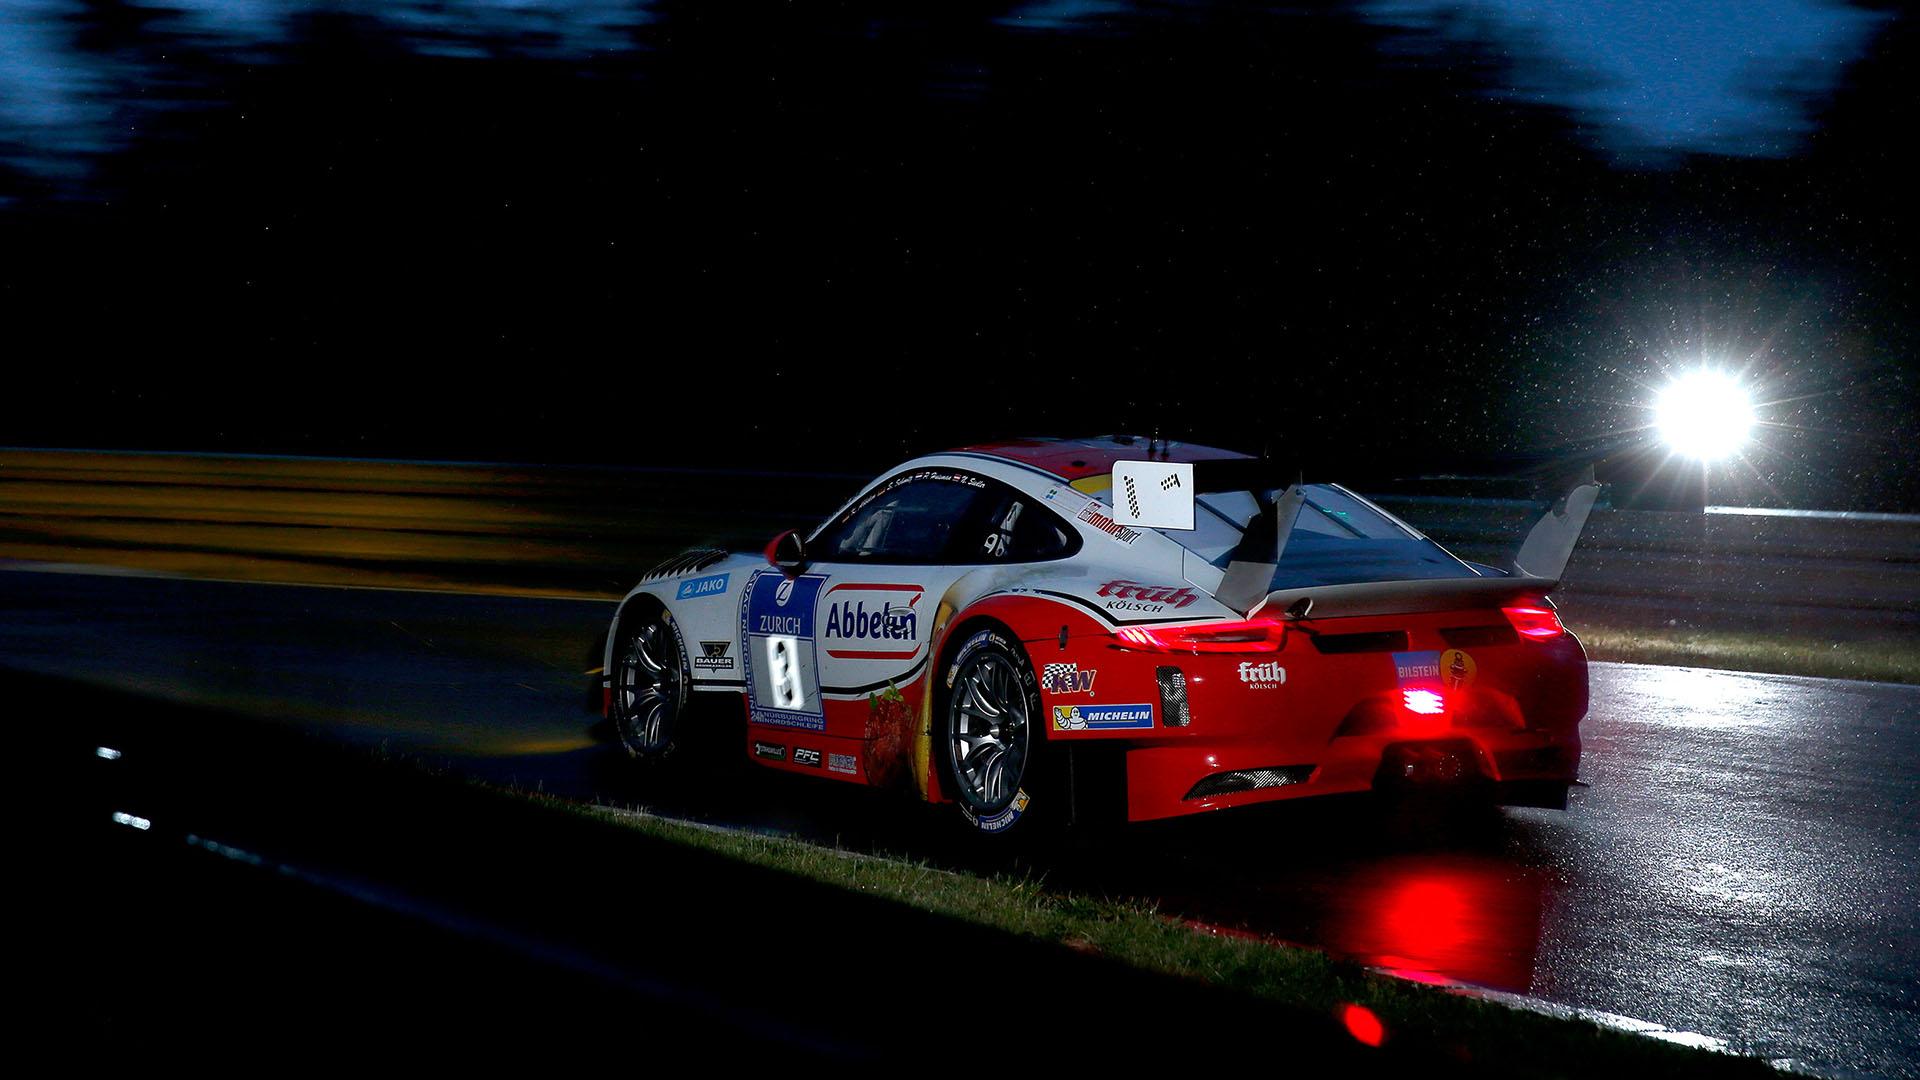 Kein Glück für Norbert Siedler im Wetter-Chaos auf dem Nürburgring